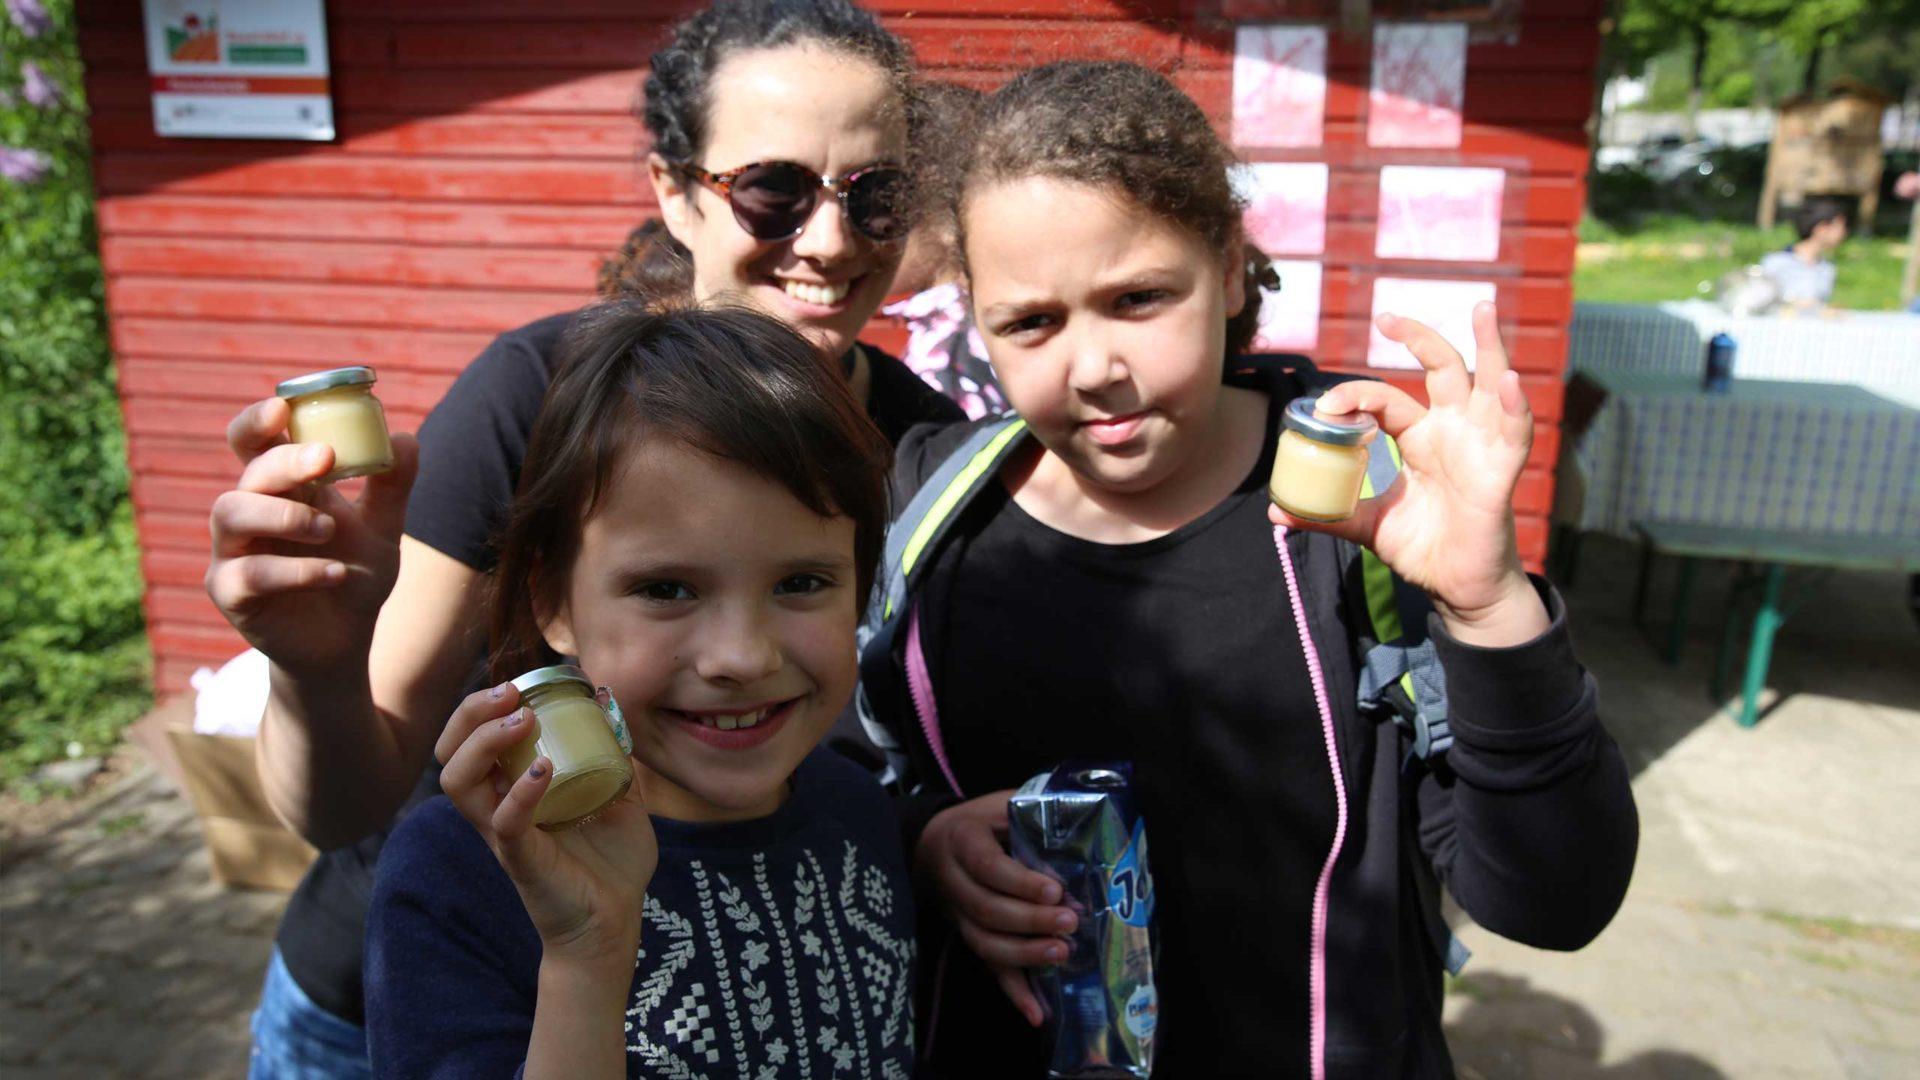 Aktion Mahlzeit bei den Imkern. Die Kinder Präsentieren stolz ihren Honig.